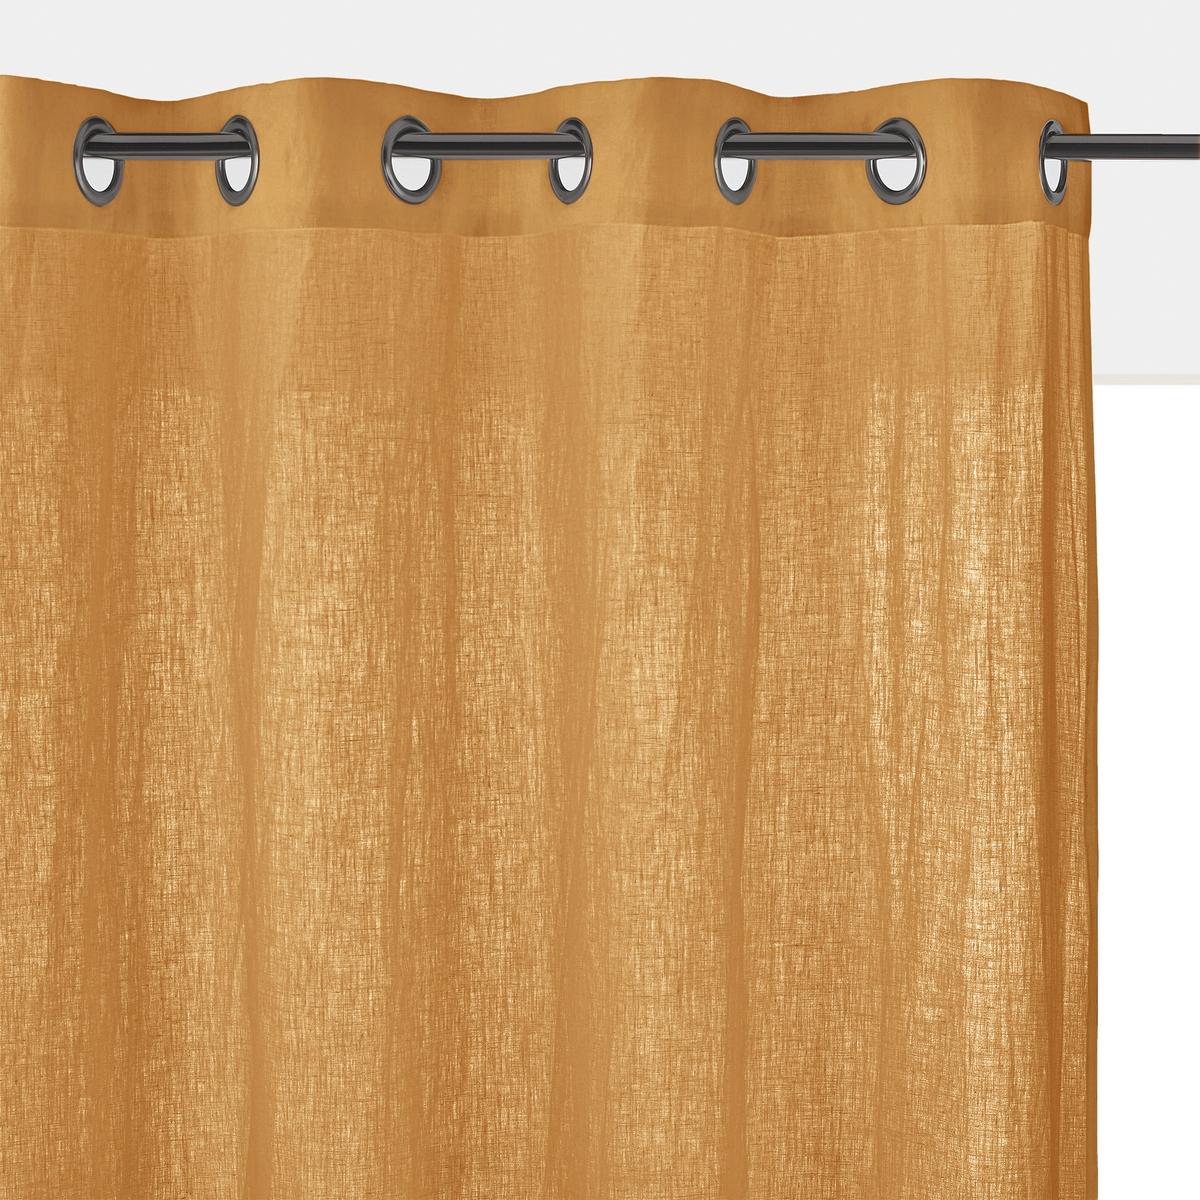 Штора льняная с люверсами, ONEGAОднотонная льняная штора ONEGA отмечена знаком качества Qualit? BEST. Великолепная ткань из 100% льна с легким и естественным жатым эффектом.Характеристики льняной шторы ONEGA :Качество BEST, требование качества. 100% ленПодшитый низ.Отделка люверсами, цвет темно-серый металлик.Отличная стойкость цветов.Размеры льняной шторы ONEGA: Выс. 180 x Шир.135 смВыс. 220 x Шир.135 смВыс.260 x Шир.135 смВыс.350 x Шир.135 смВсю коллекцию ONEGA Вы найдете на laredoute.ru Знак Oeko-Tex® гарантирует, что товары прошли проверку и были изготовлены без применения вредных для здоровья человека веществ.<br><br>Цвет: антрацит,белый,бледный сине-зеленый,зеленый,прусский синий,розовая пудра,серо-бежевый,терракота<br>Размер: 260 x 135 см